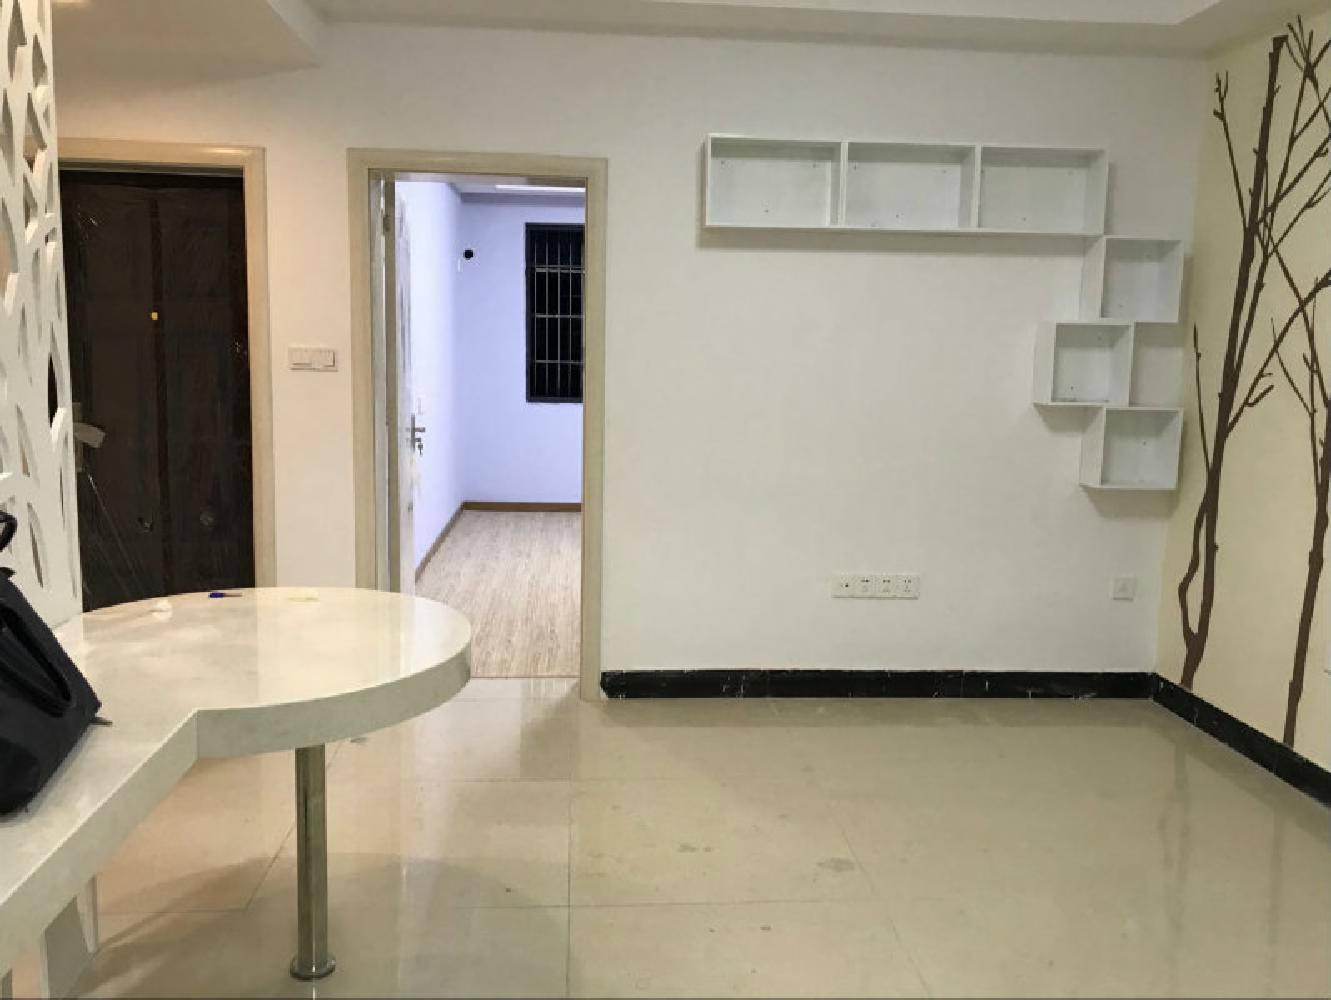 香山小区 精装修 两室 诚心出售  首付底30万起 合格合理